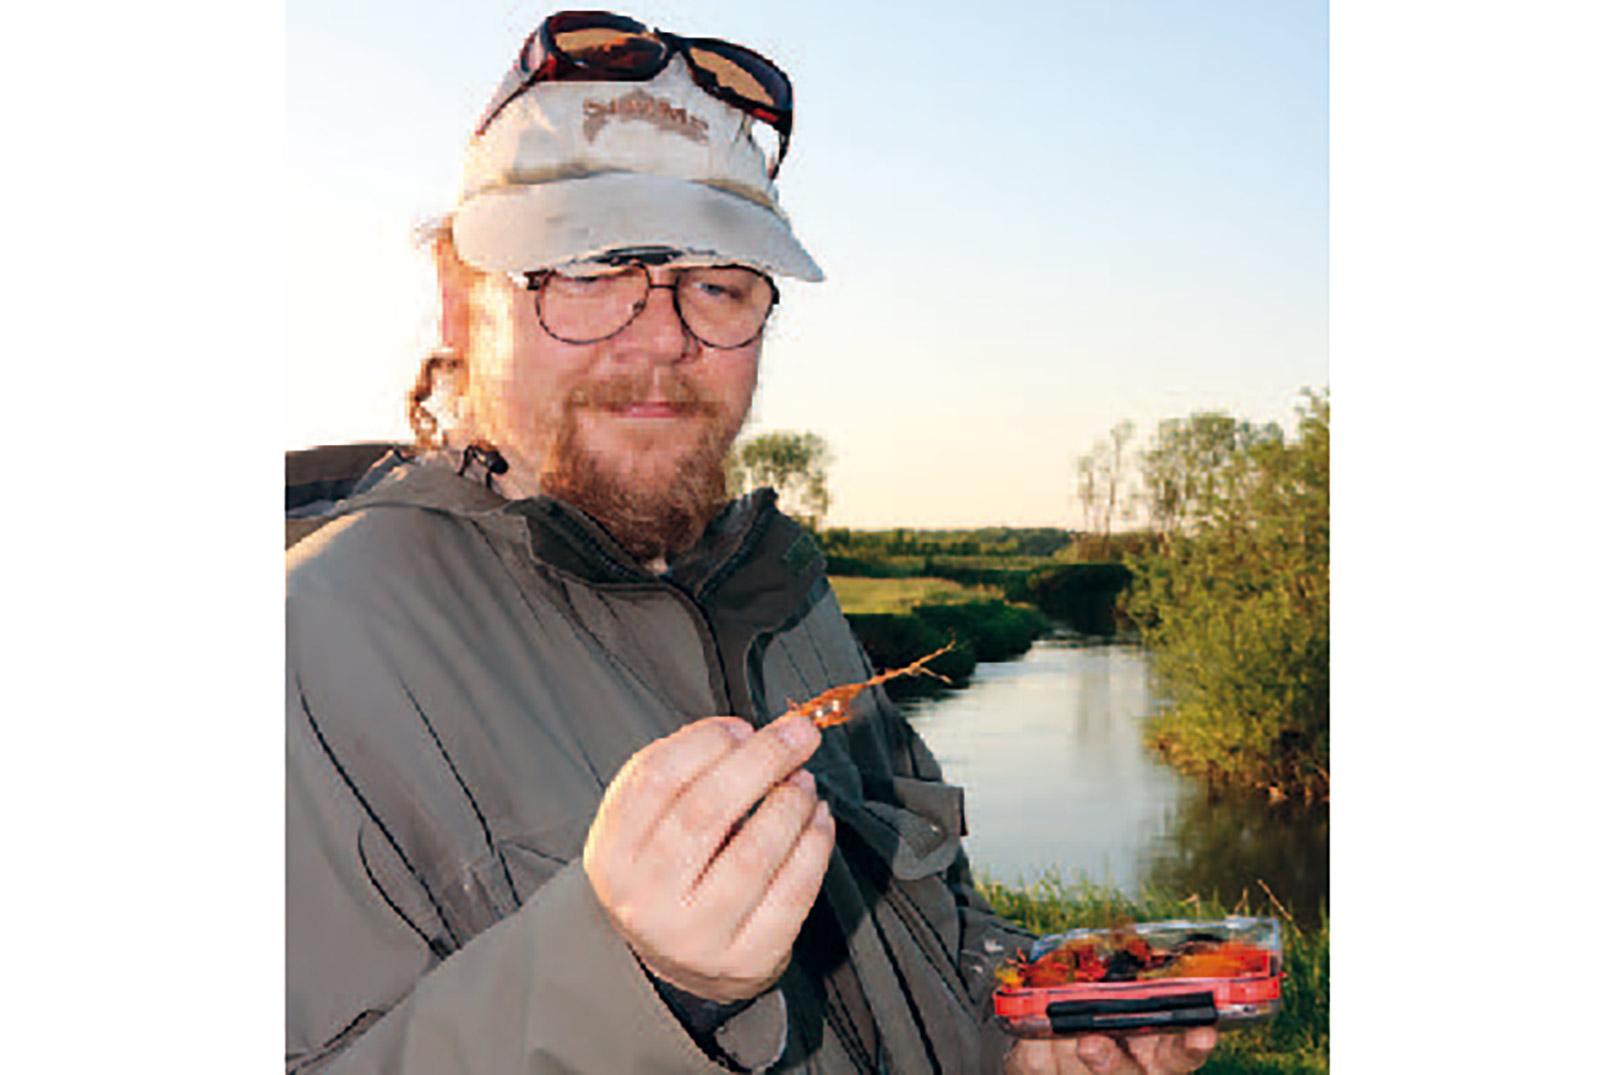 Martin Schack botaniserer i flueæsken, inden aftenens fiskeri går i gang.